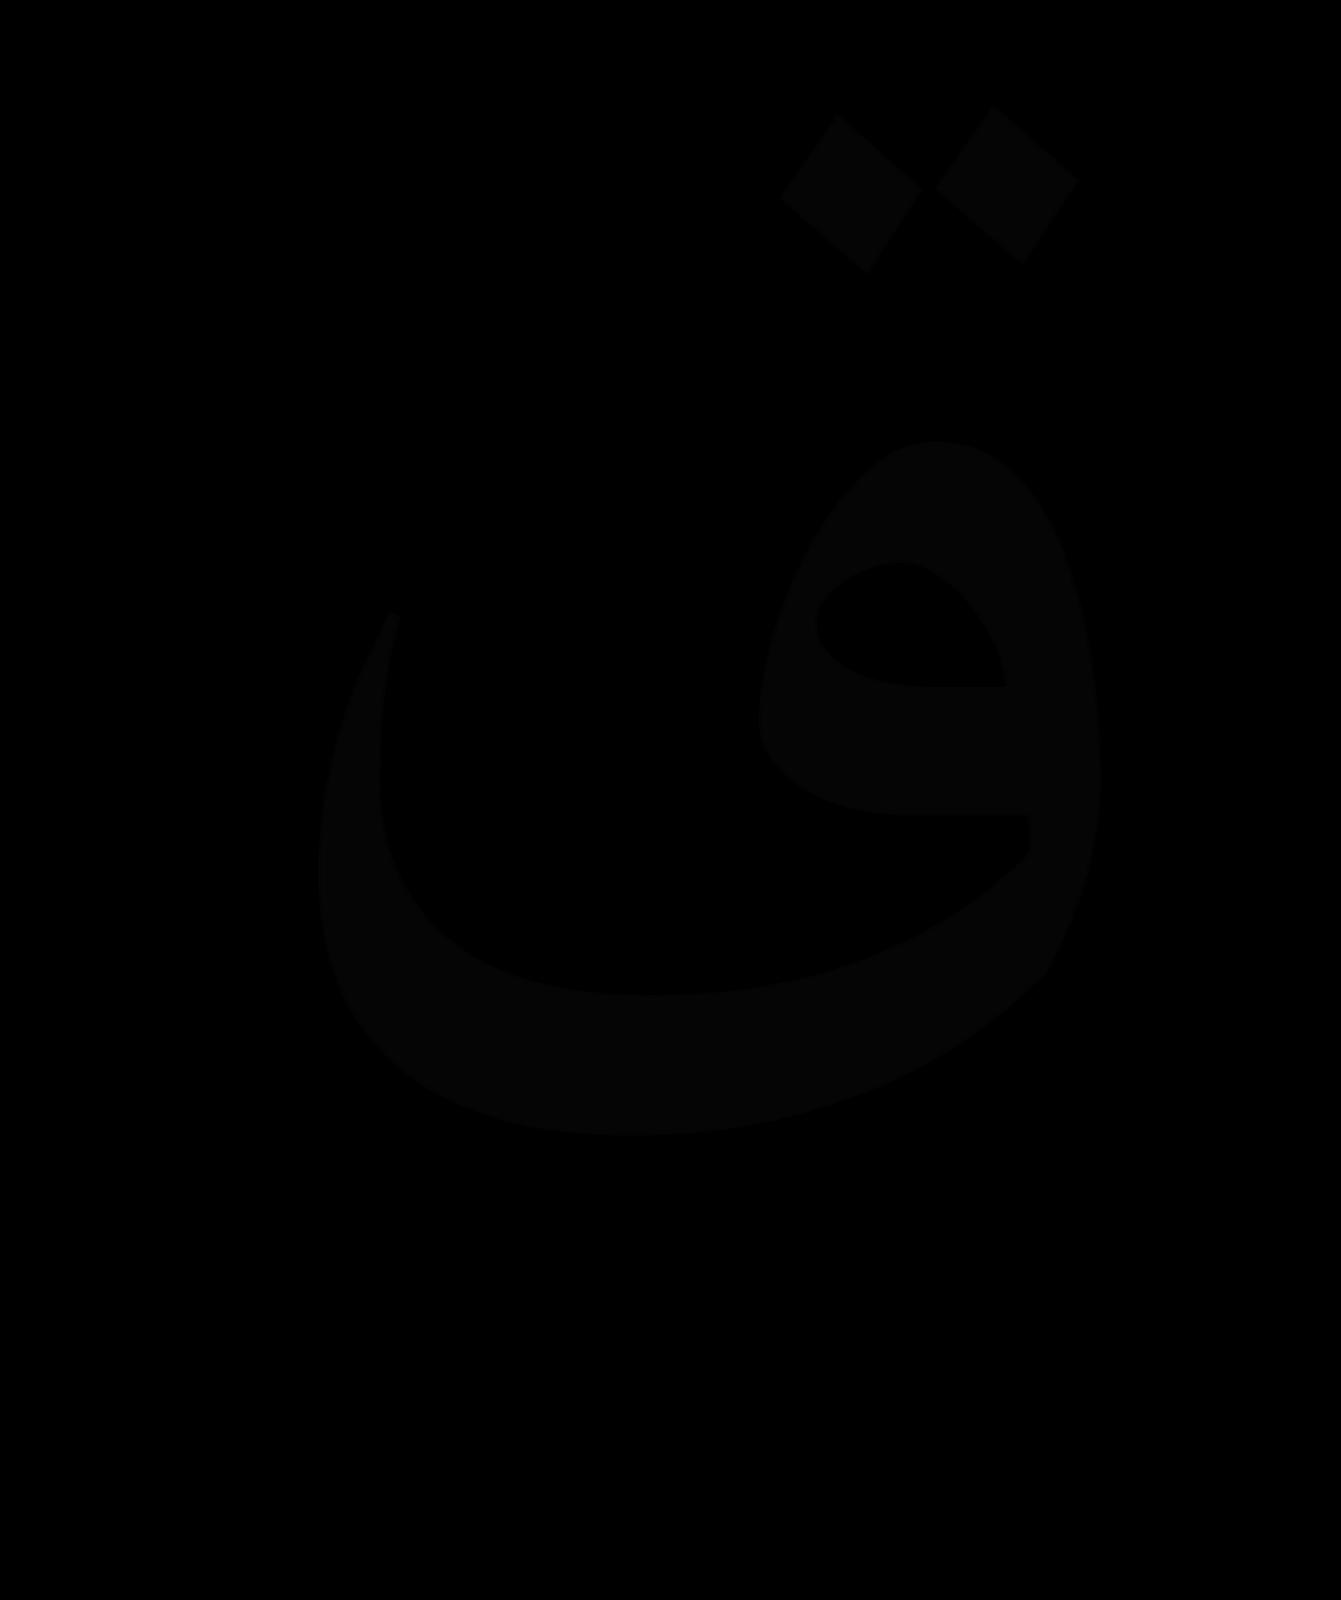 Qaf Ayat 11 20 Dan Terjemah Sultoni Mubin